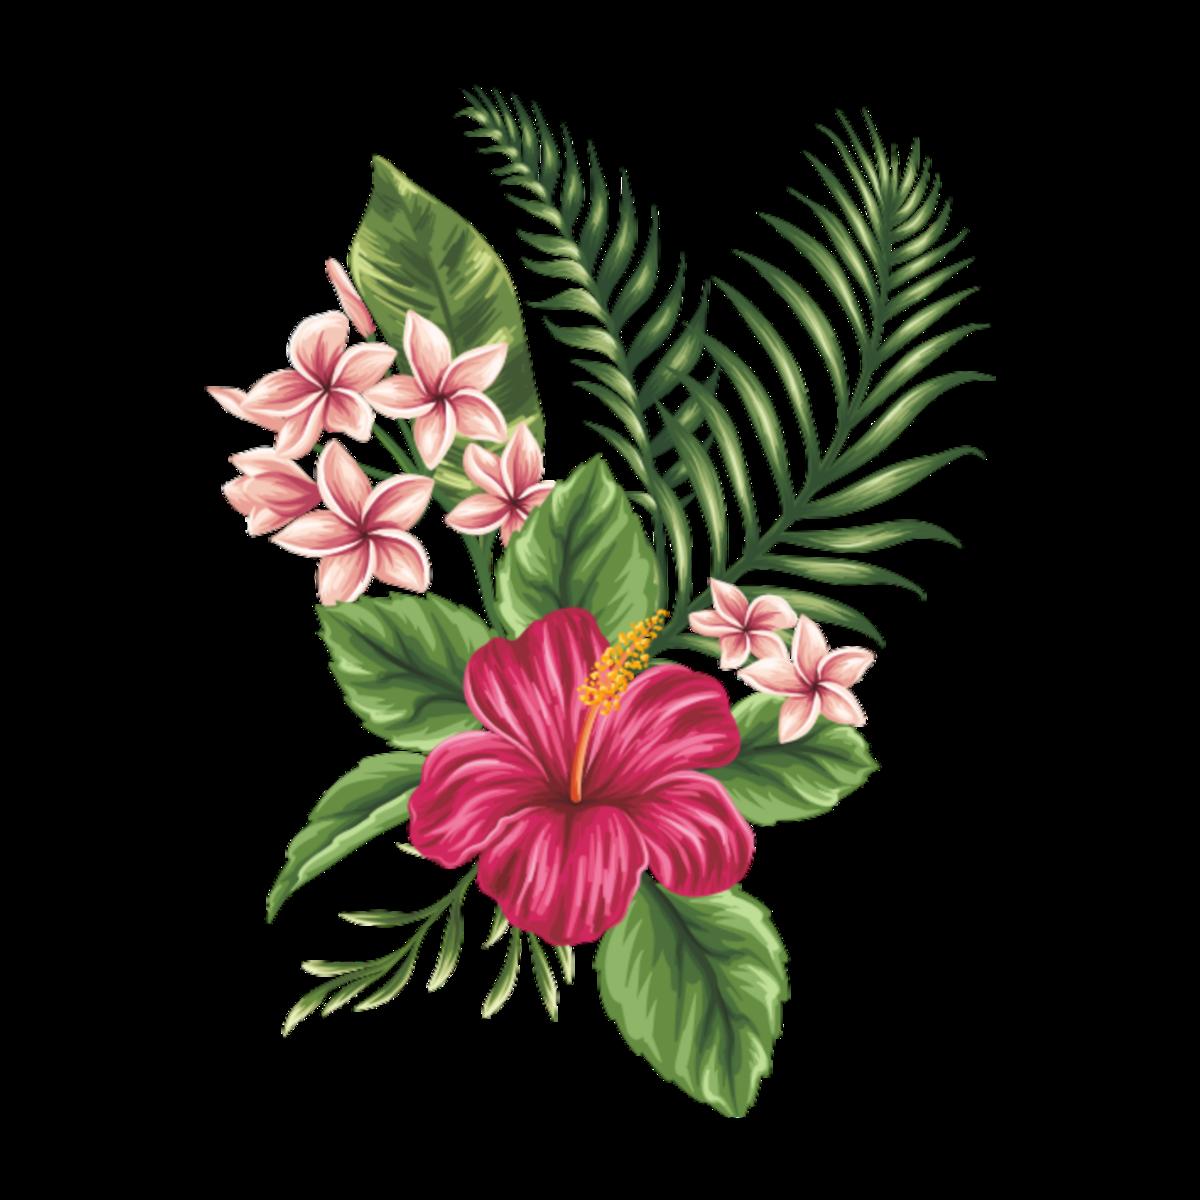 многие любители тропические цветы картинки нарисованые туда несколько